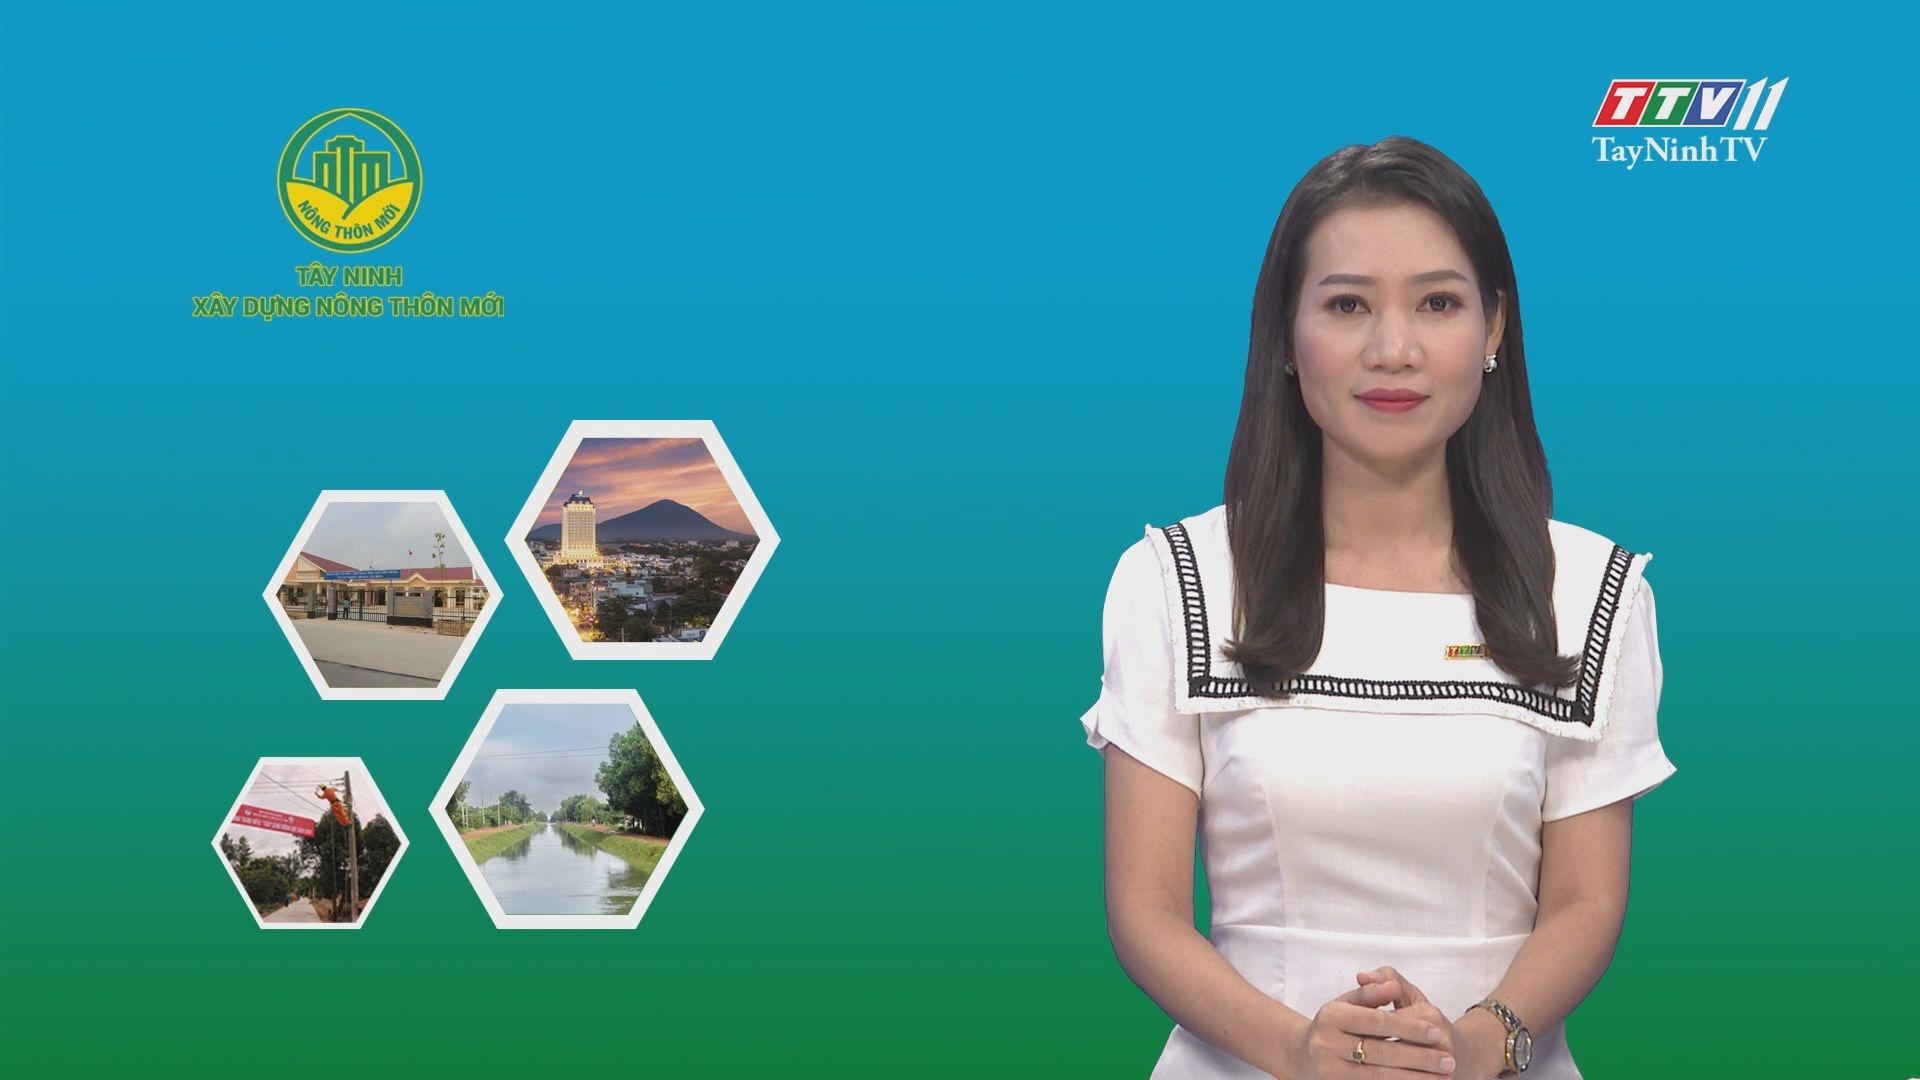 Thị xã Hòa Thành-Nâng cao tỷ lệ người dân sử dụng nước sạch   TÂY NINH XÂY DỰNG NÔNG THÔN MỚI   TayNinhTV